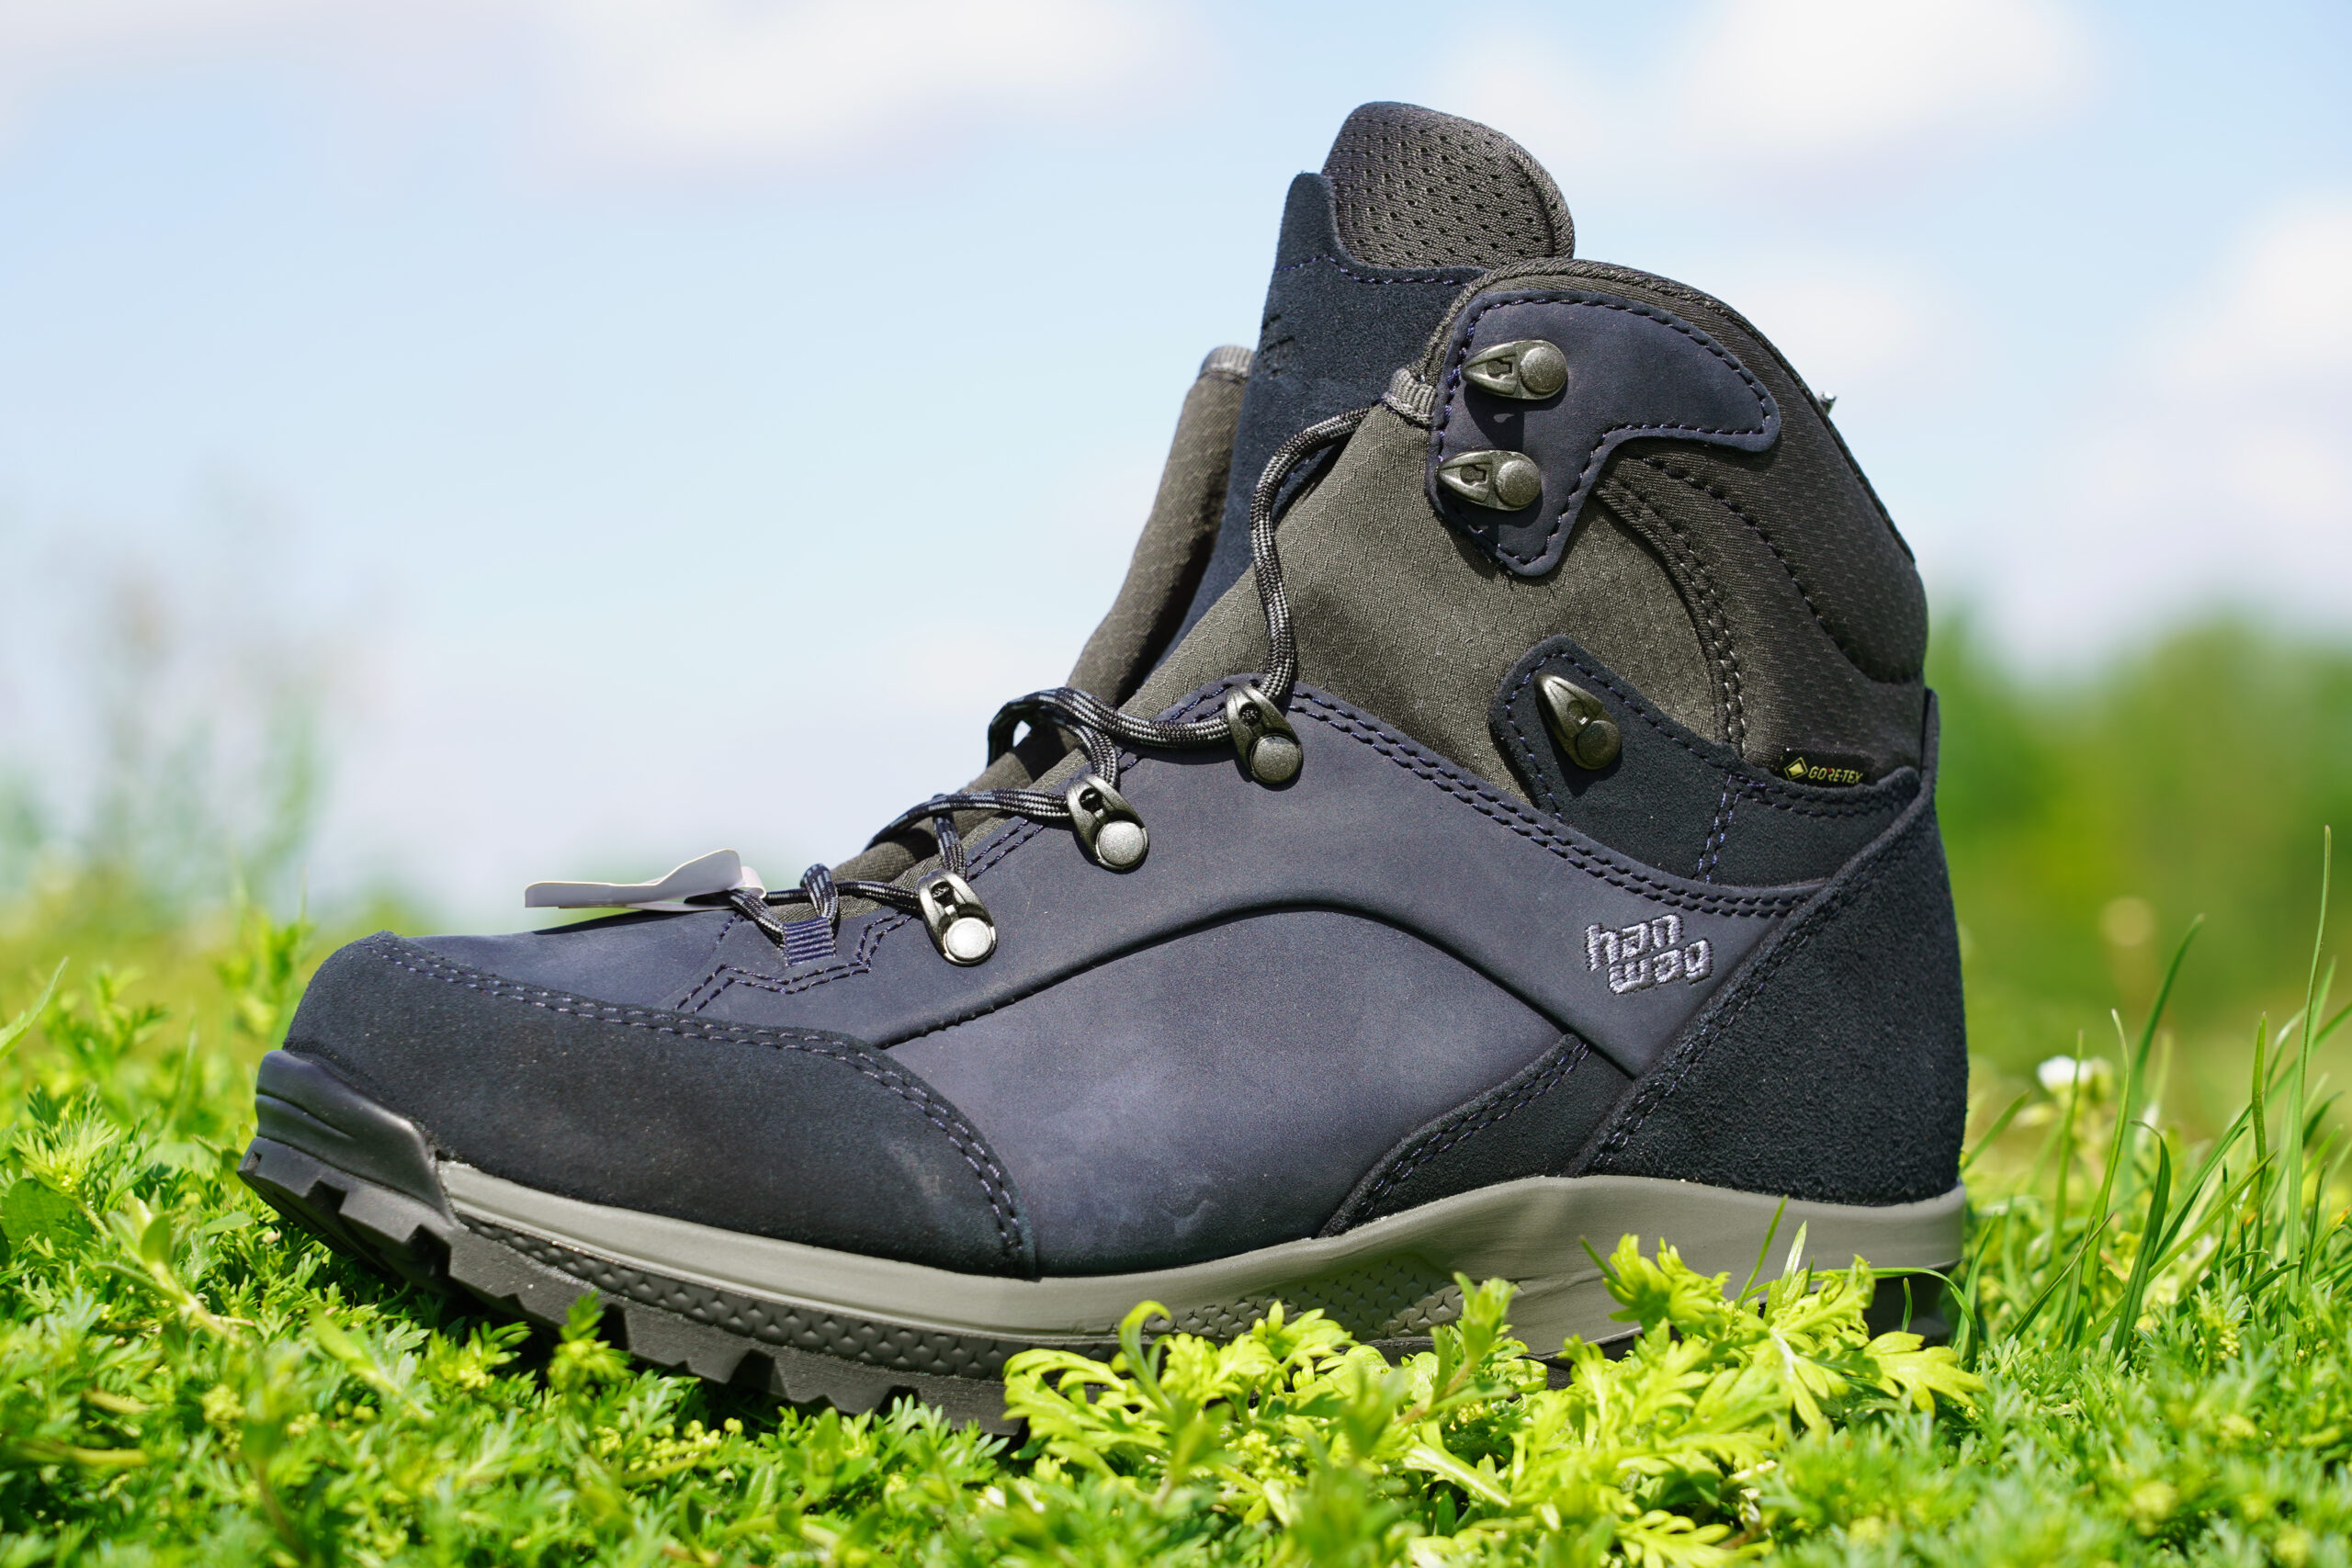 Vetertechniek voor stabiliteit met hoge wandelschoenen